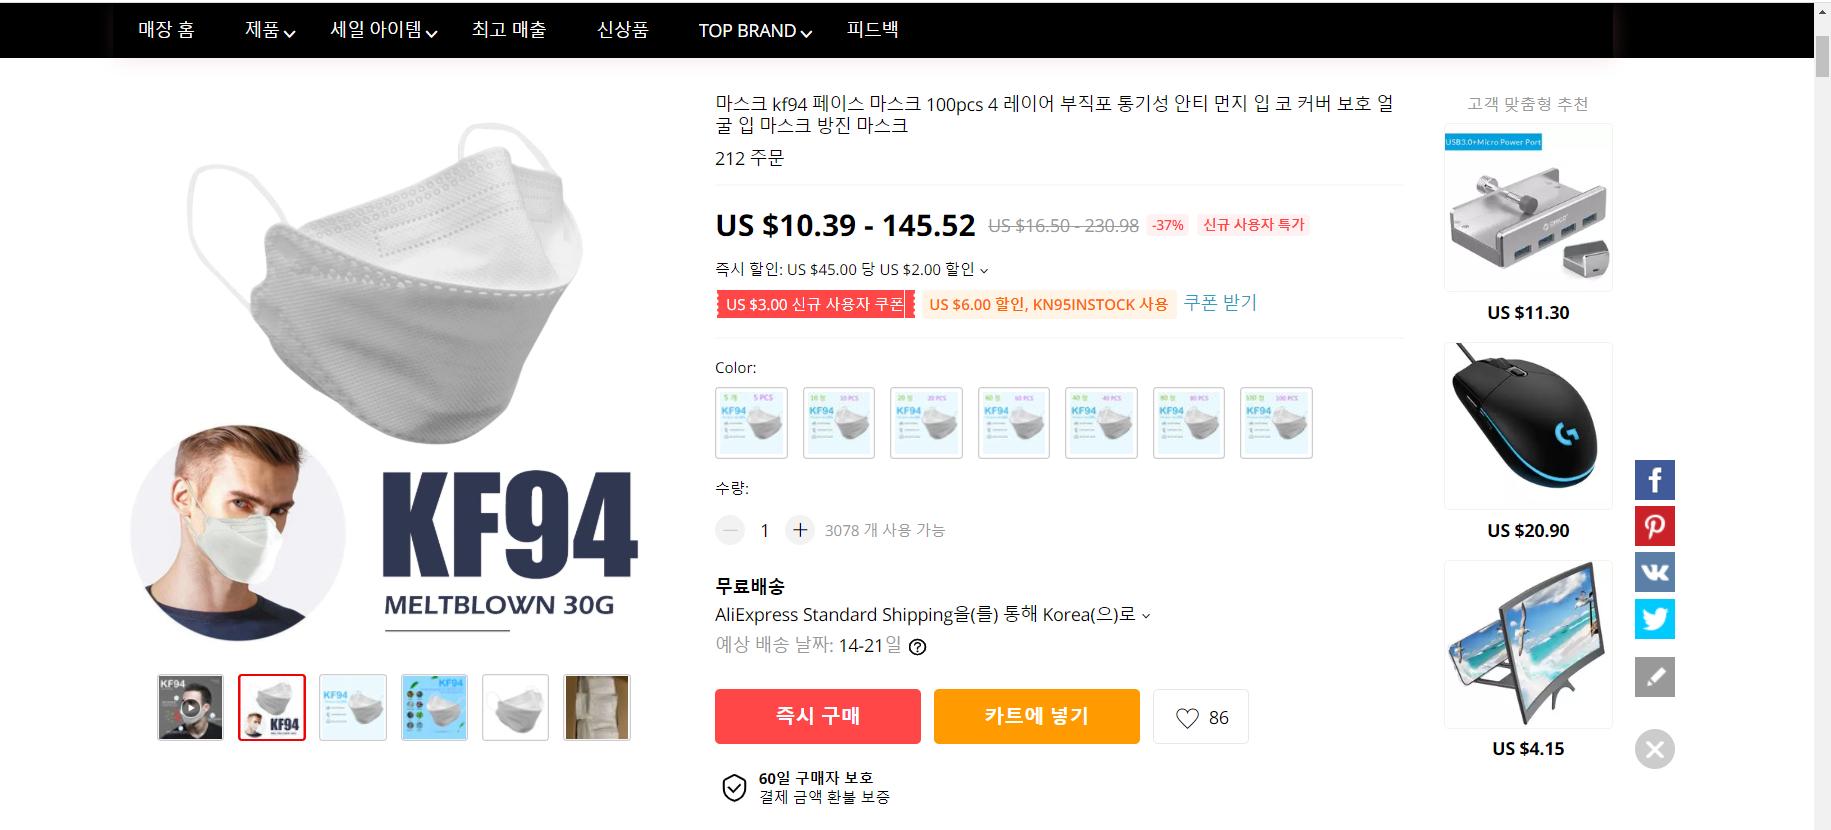 알리익스프레스에서 KF94로 광고하는 마스크 제품. 마스크 본품엔 중국 기준인 KN 95가 적혀있다. 알리익스프레스 캡처.